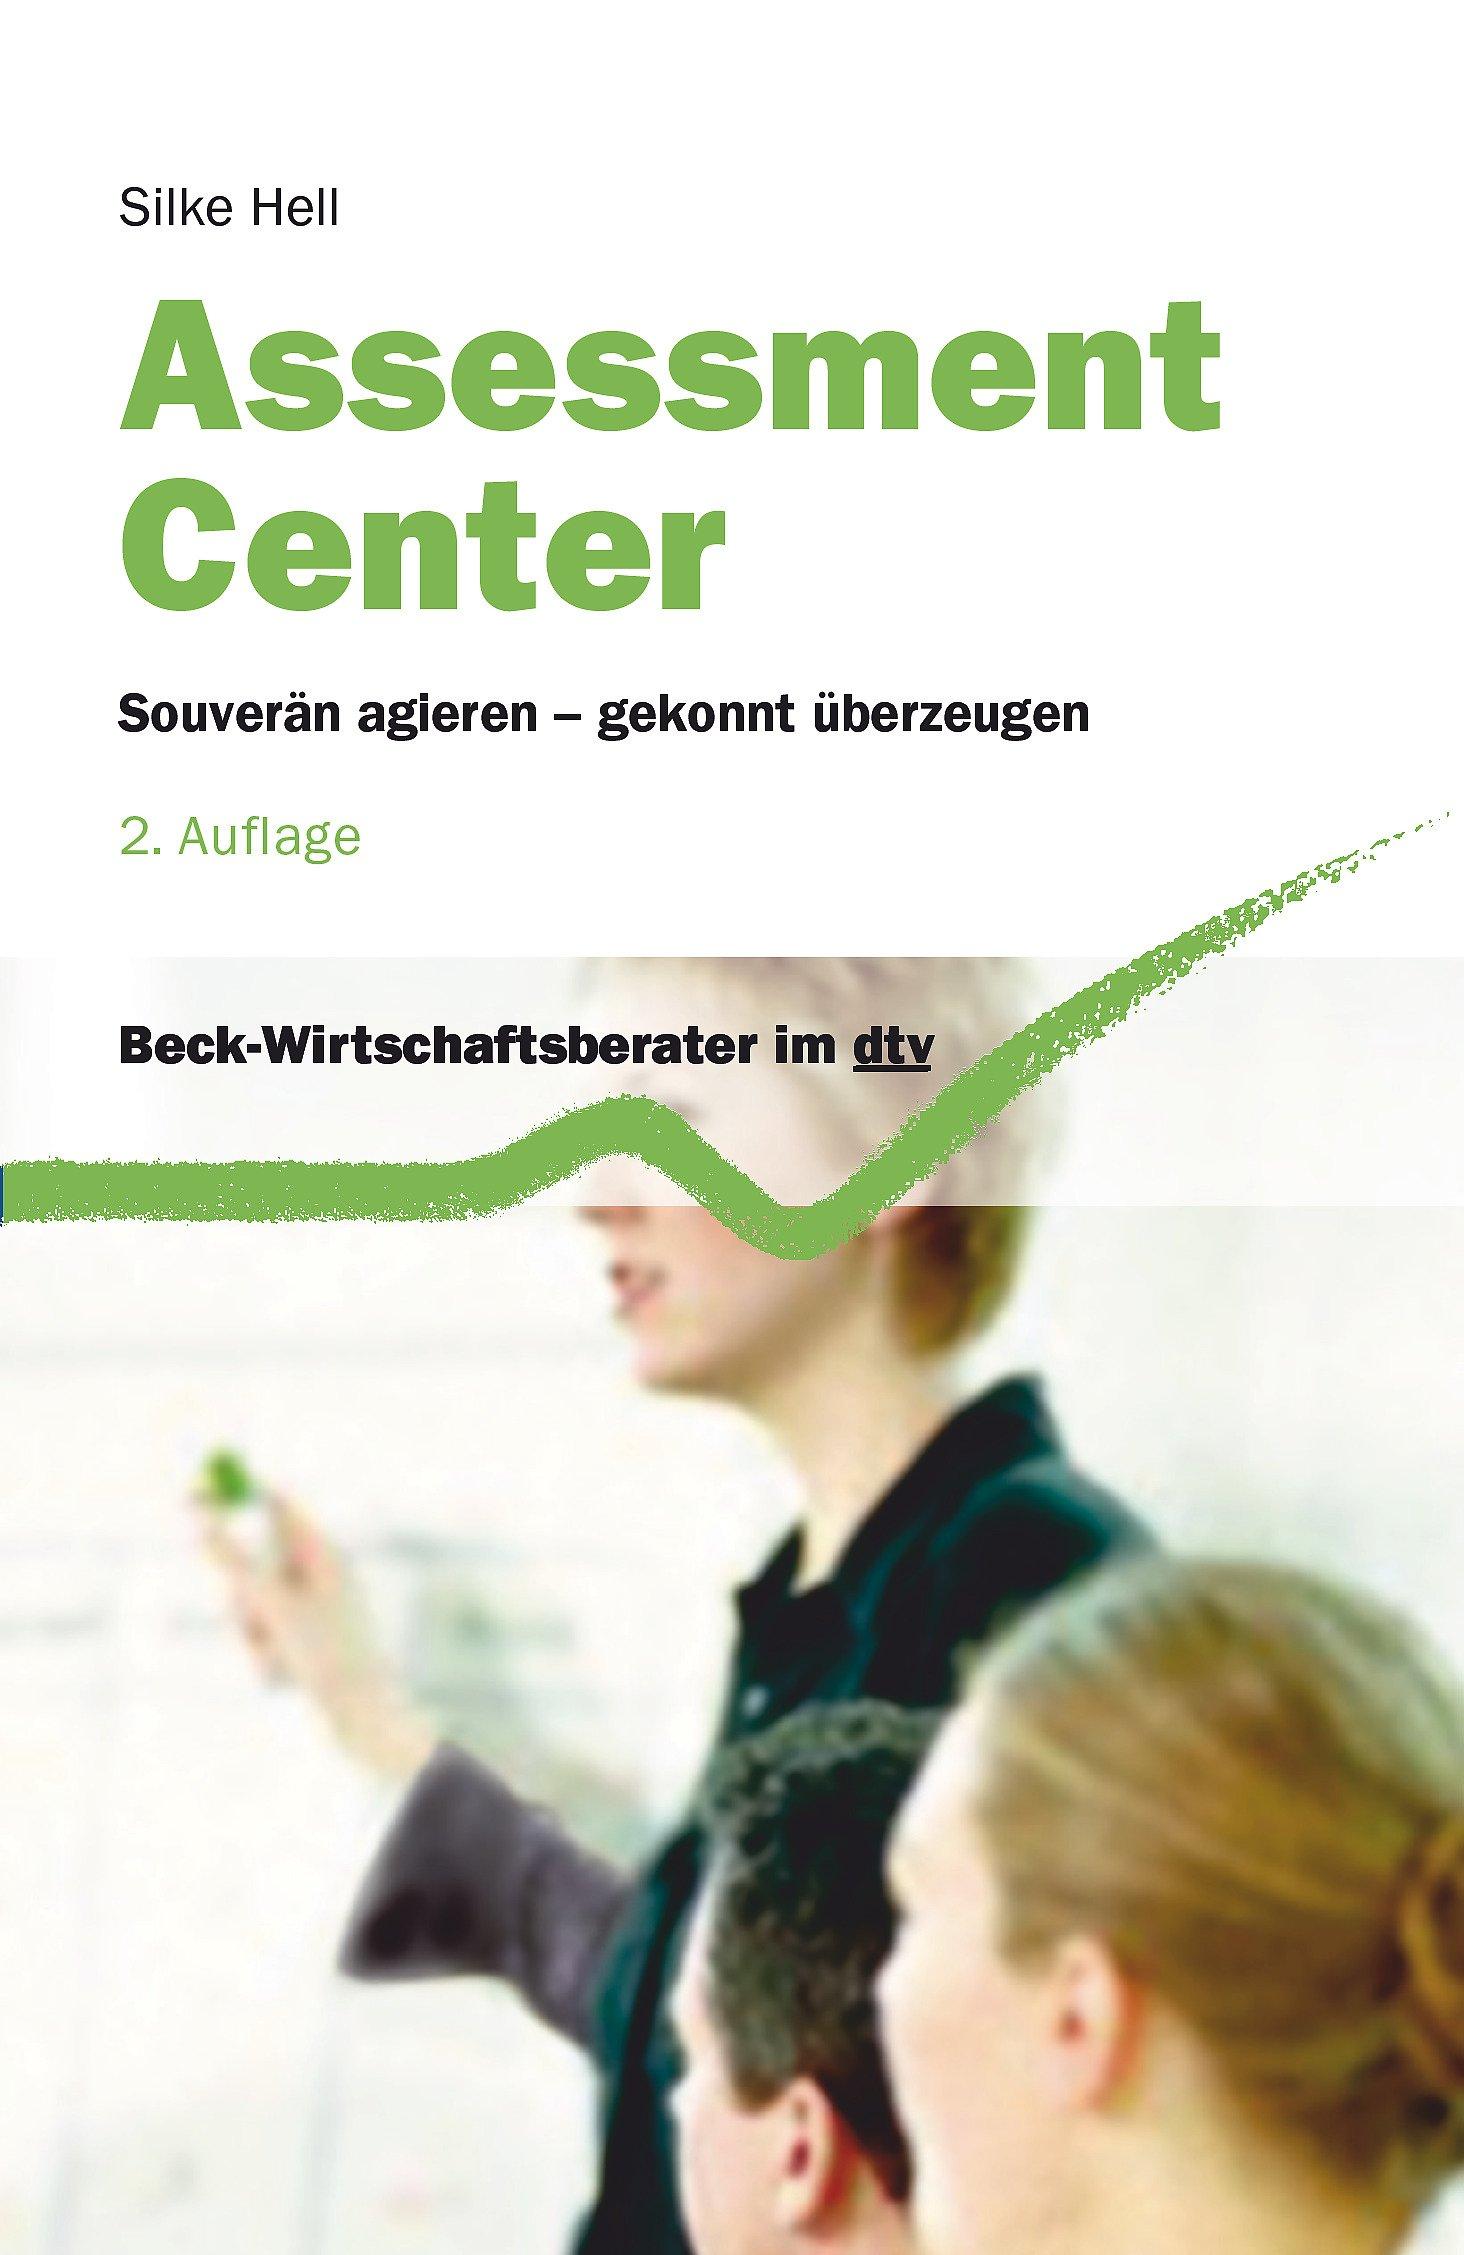 Assessment Center: Souverän agieren - gekonnt überzeugen